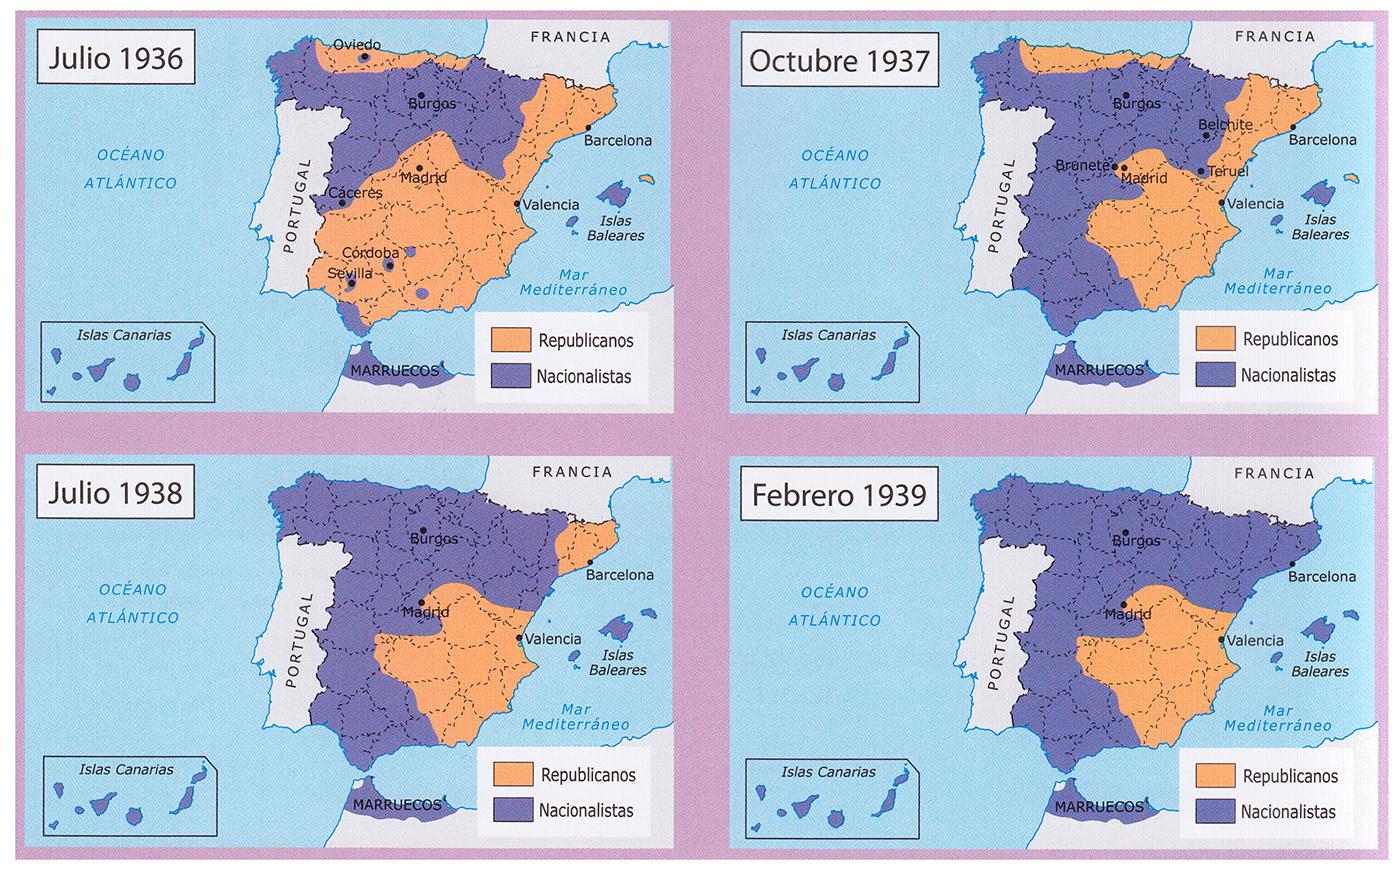 Mapa Bandos Guerra Civil Española.Historia De Espana 2º Bachillerato Fases De La Guerra Civil